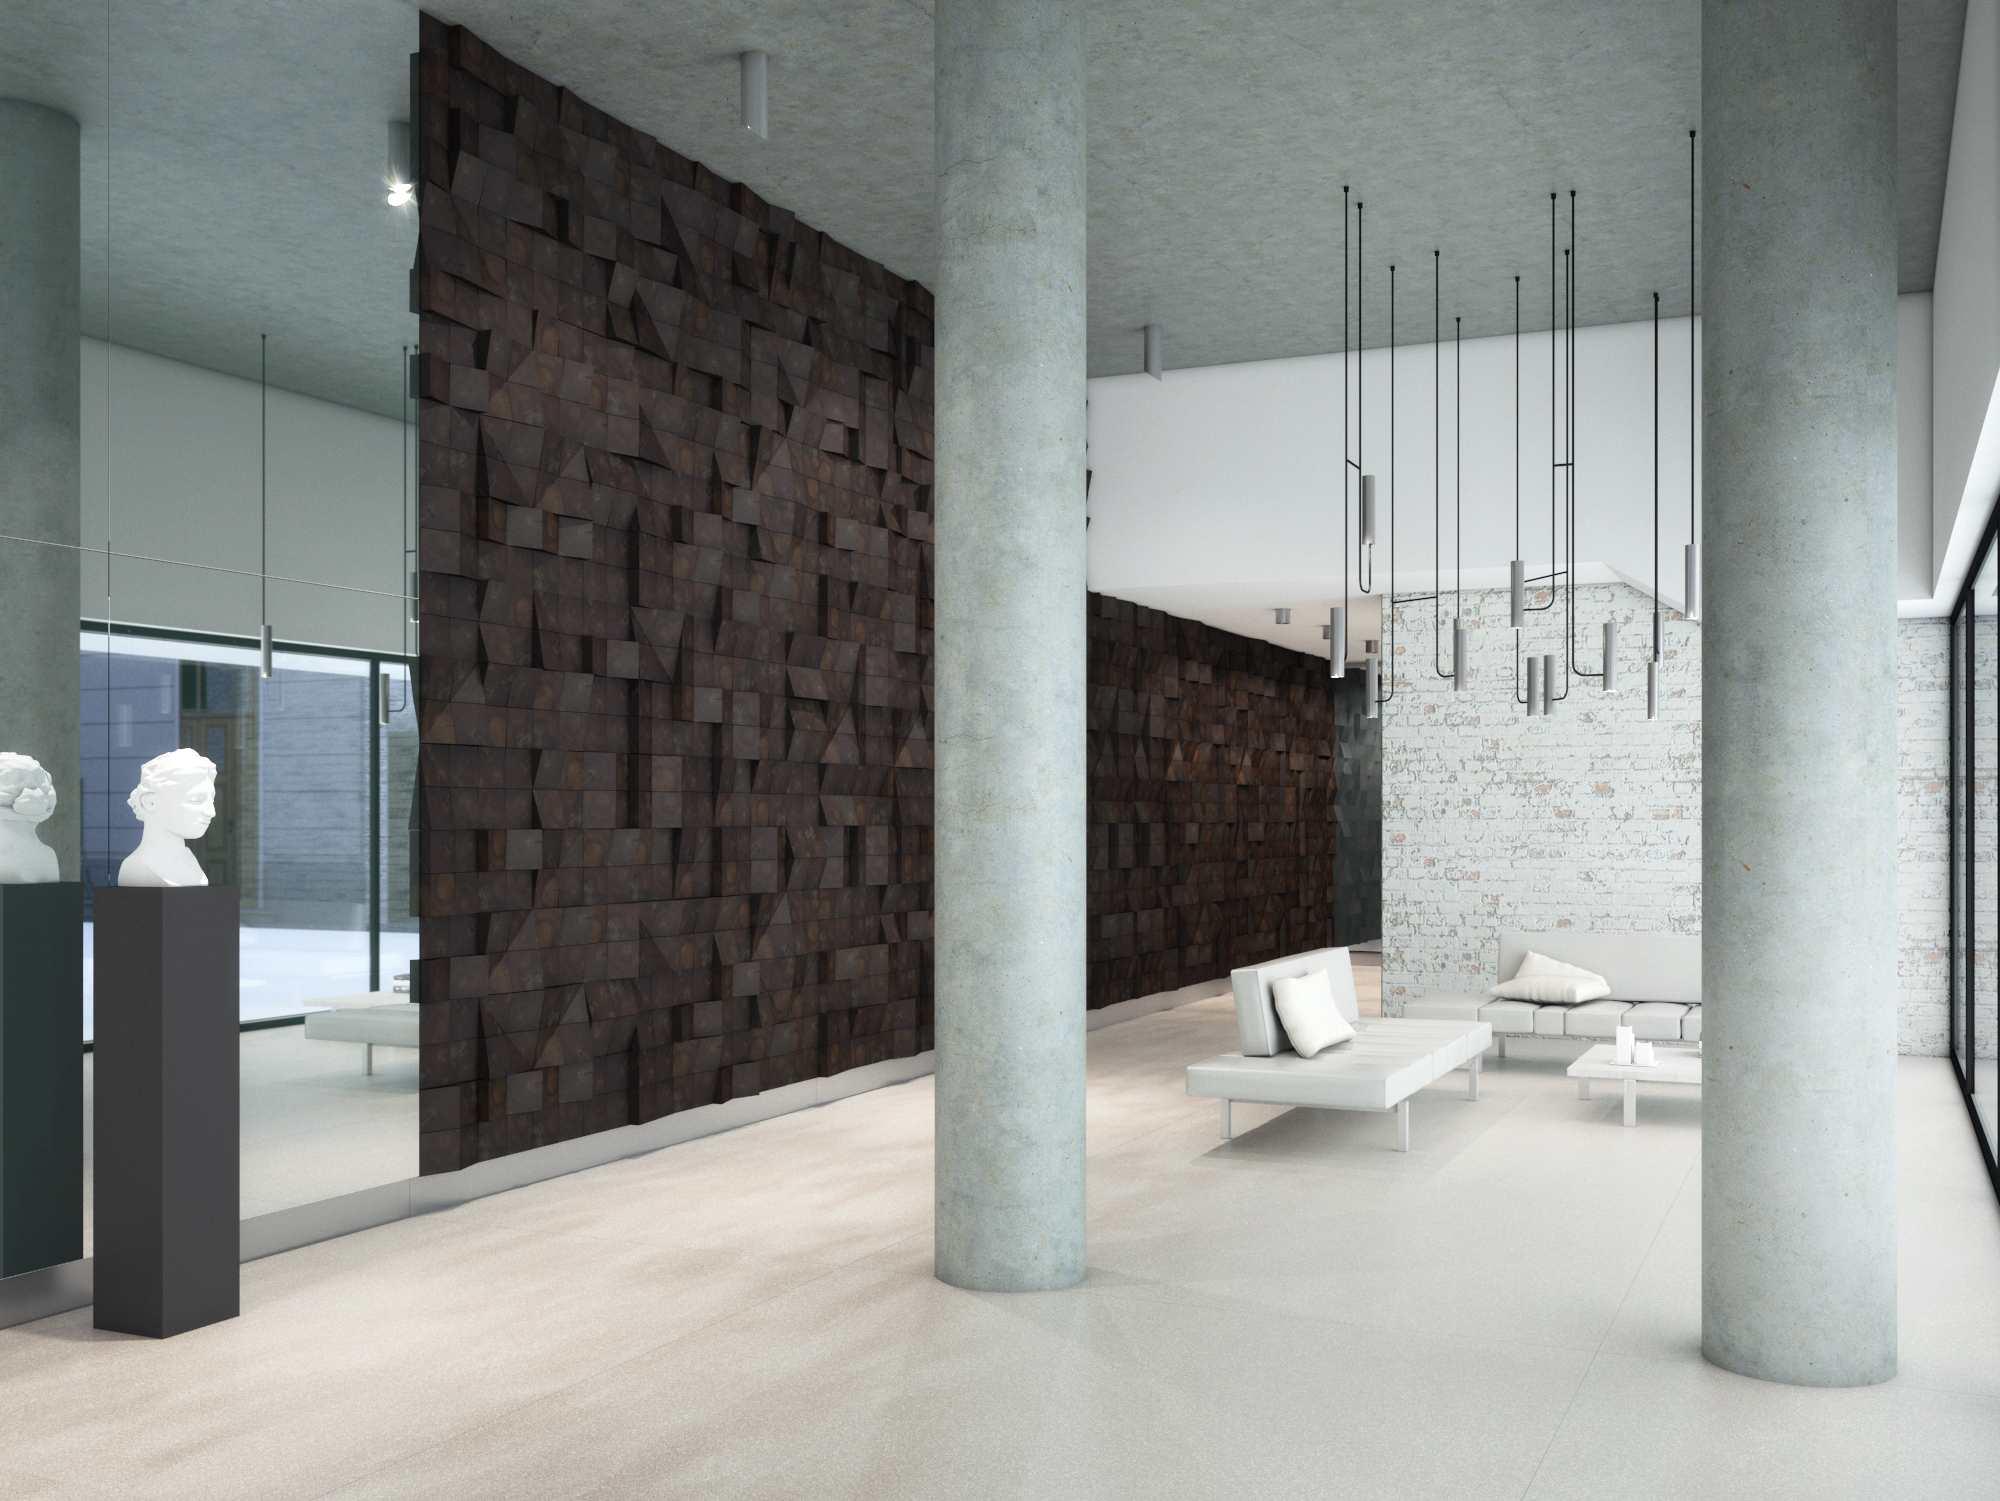 Nowe oblicze dawnej architektury